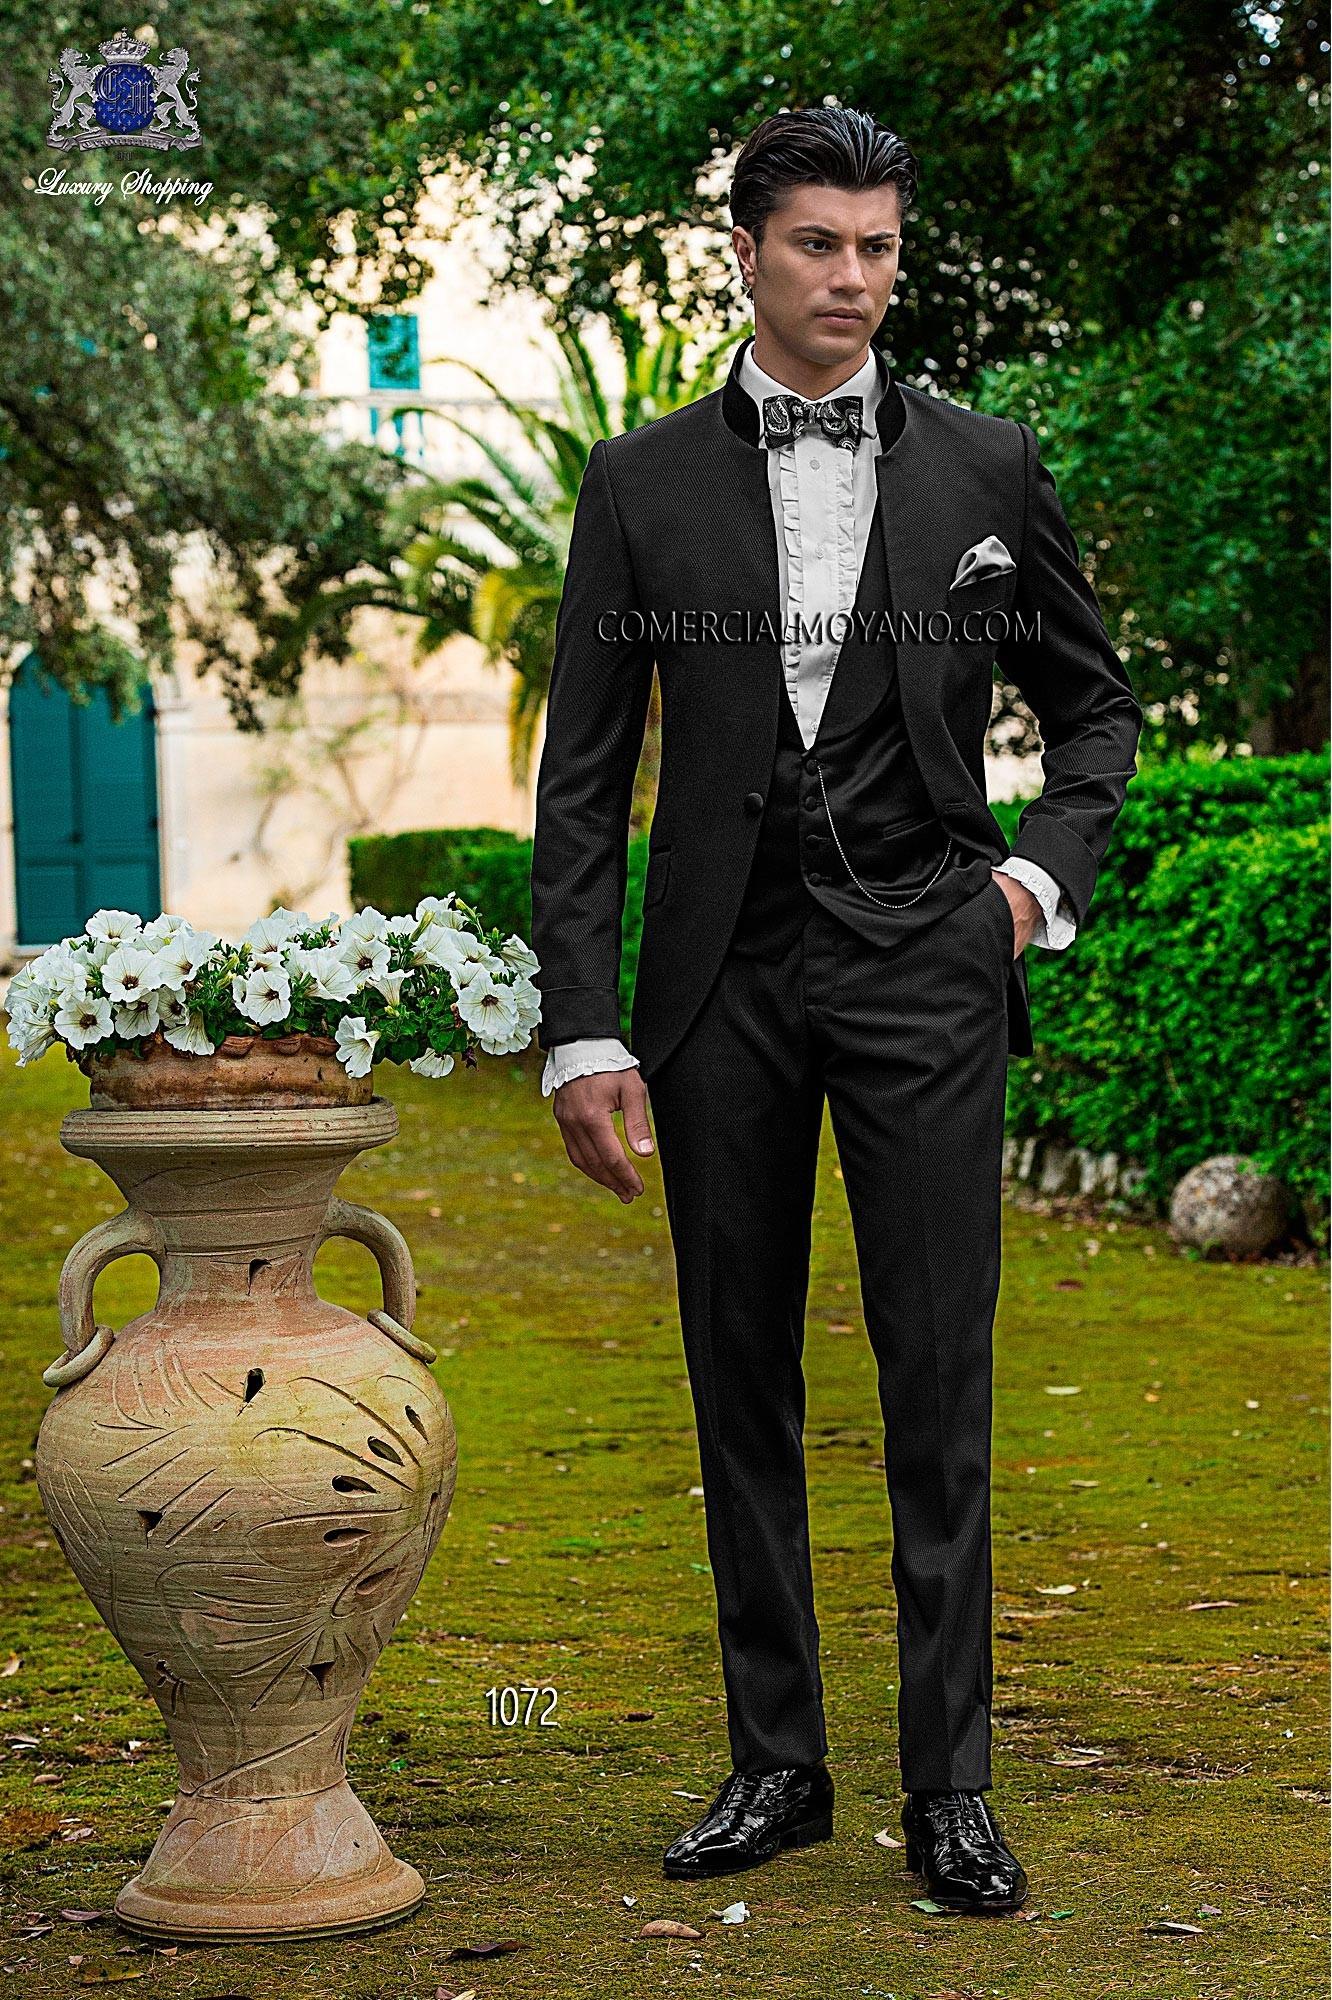 Fashion black men wedding suit model 1072 Ottavio Nuccio Gala